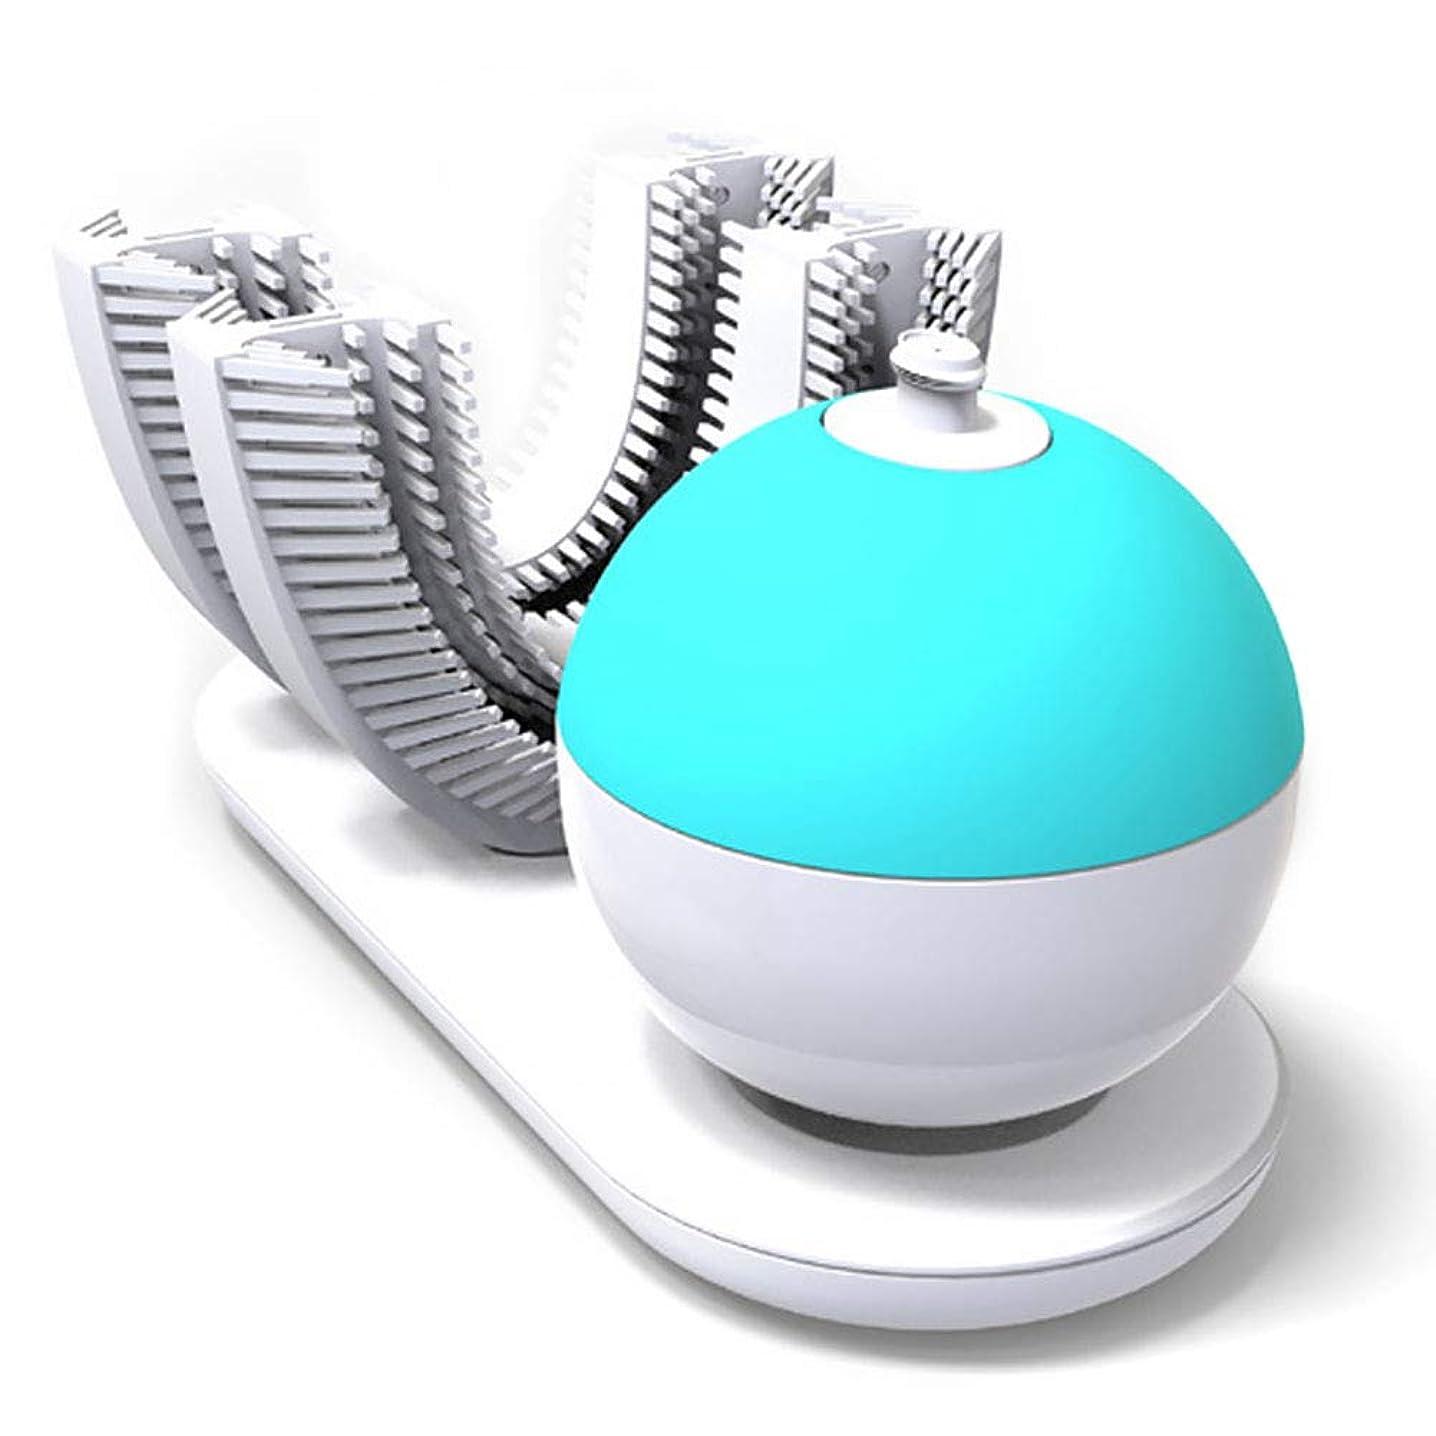 追跡ハイブリッドおんどりフルオートマチック可変周波数電動歯ブラシ、自動360度U字型電動歯ブラシ、ワイヤレス充電IPX7防水自動歯ブラシ(大人用)